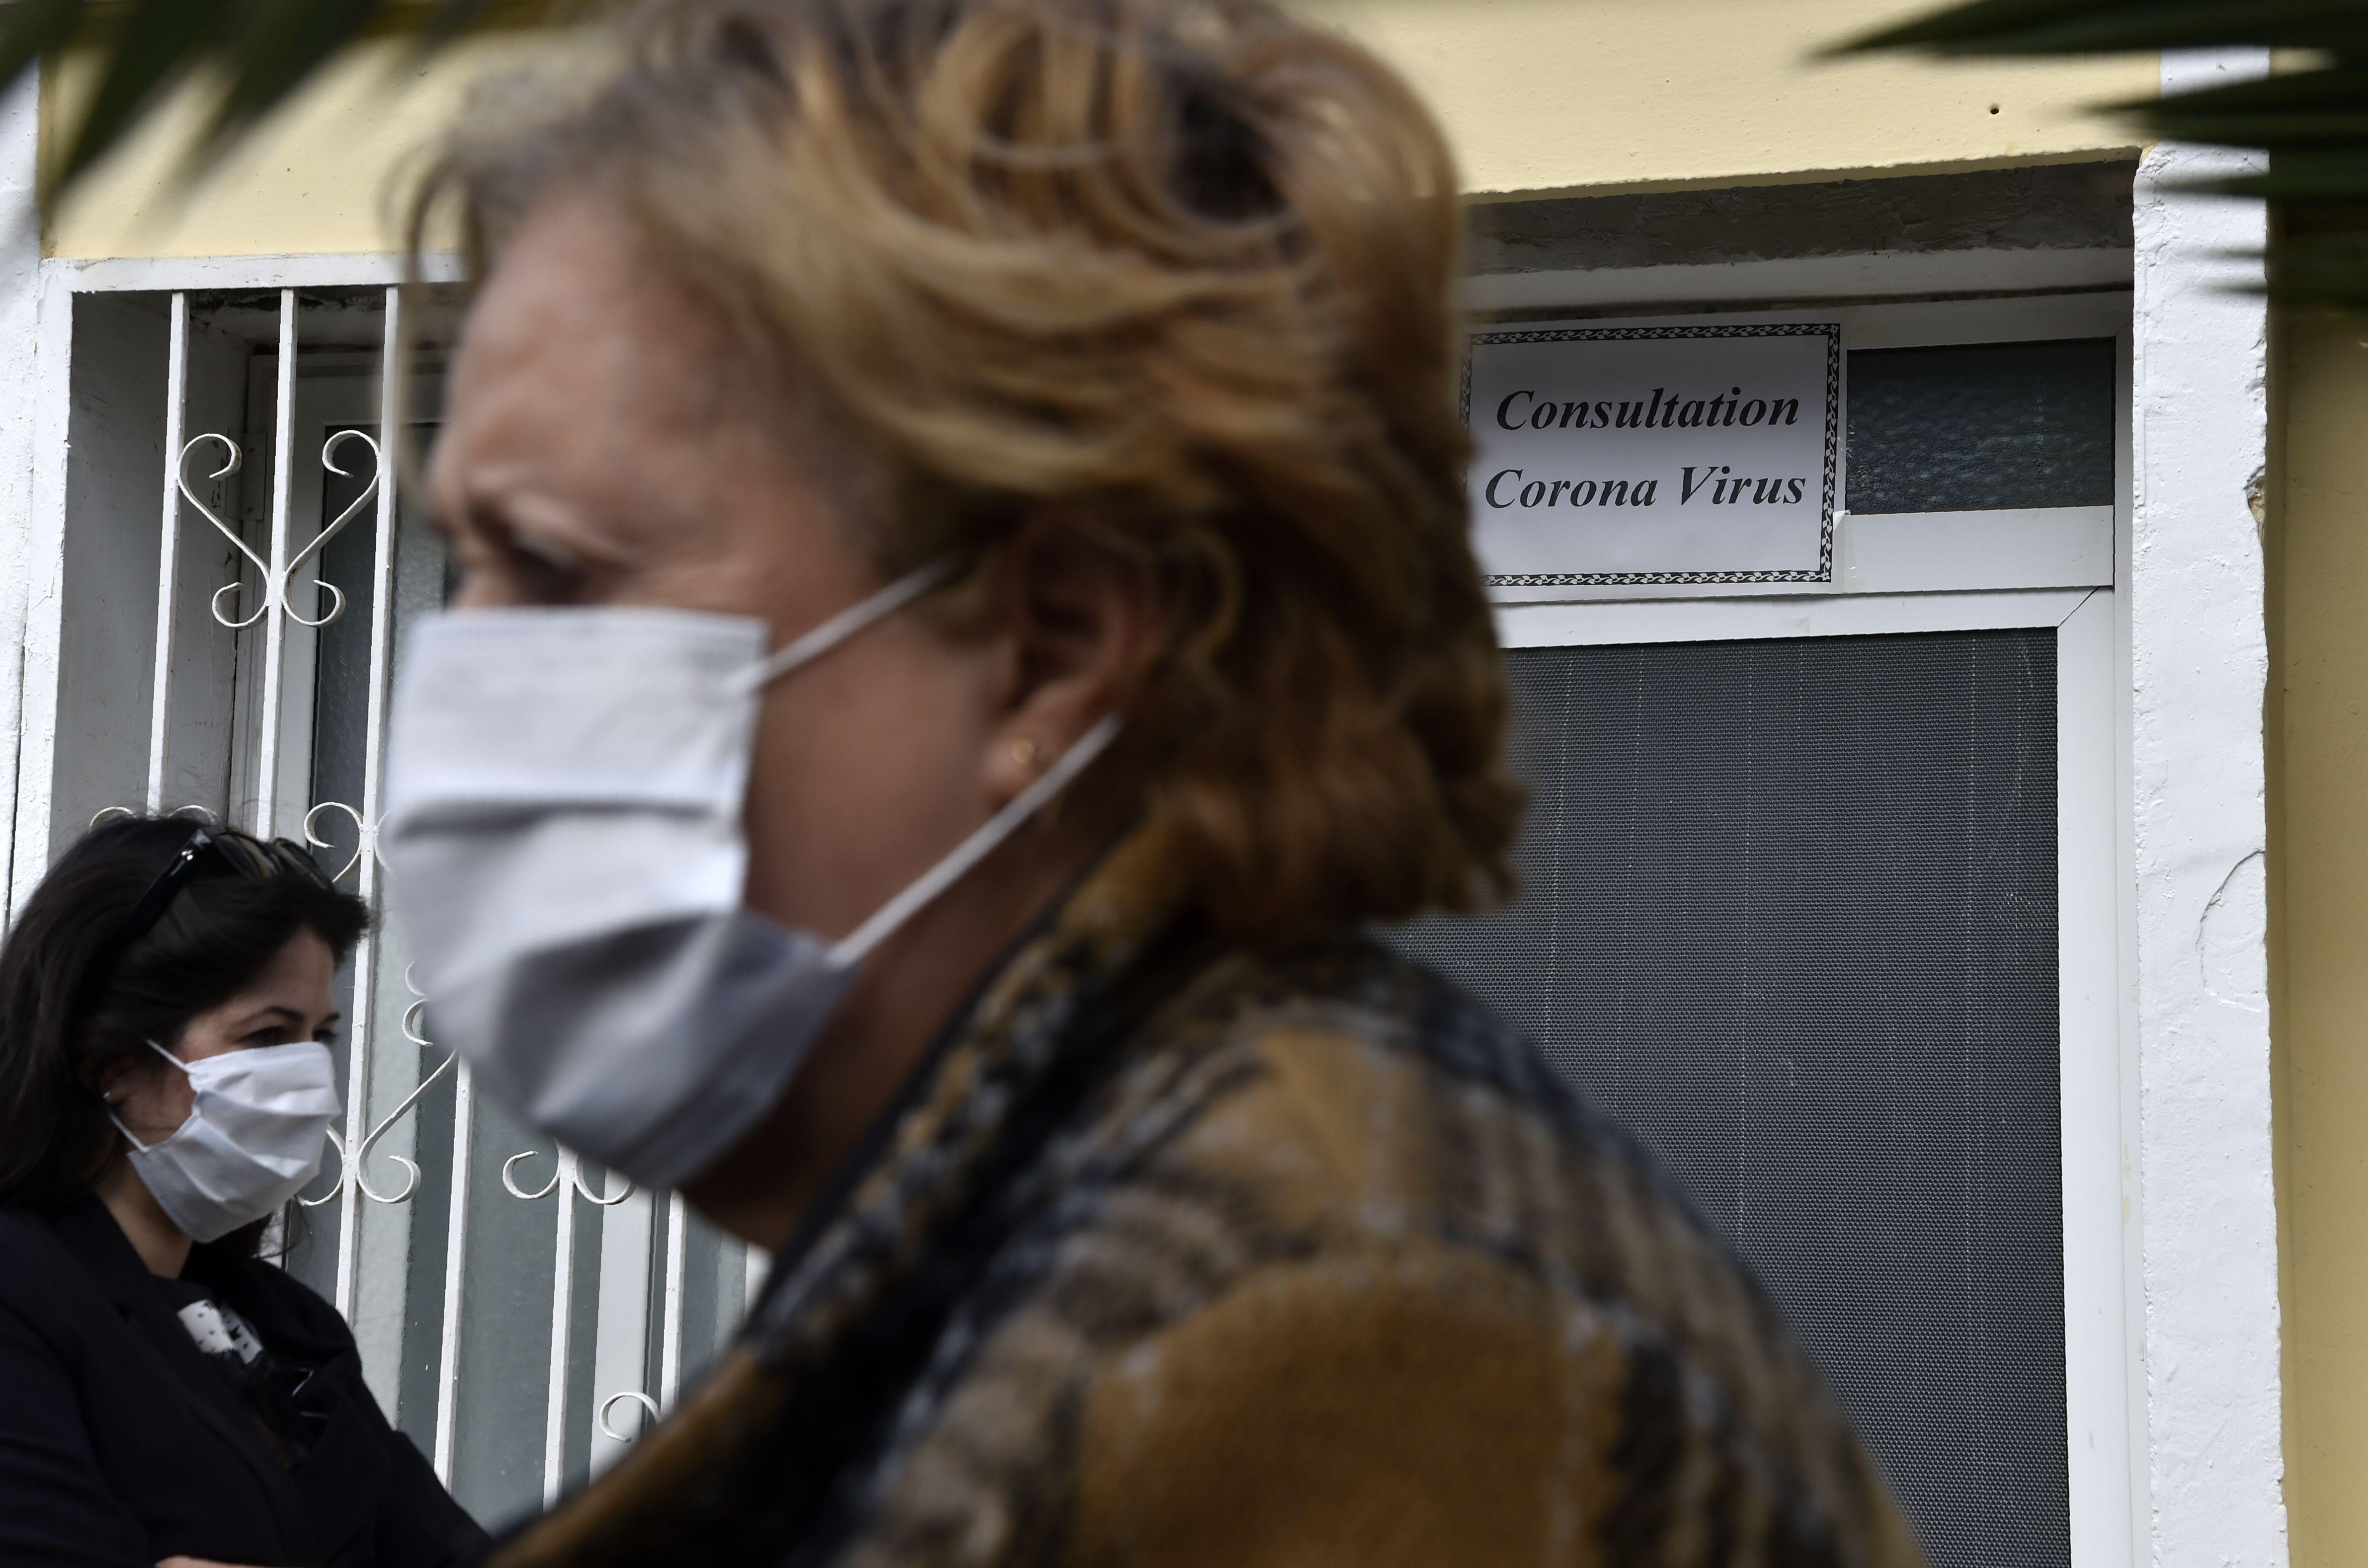 Do I need to wear a face mask to block coronavirus? - The Boston Globe